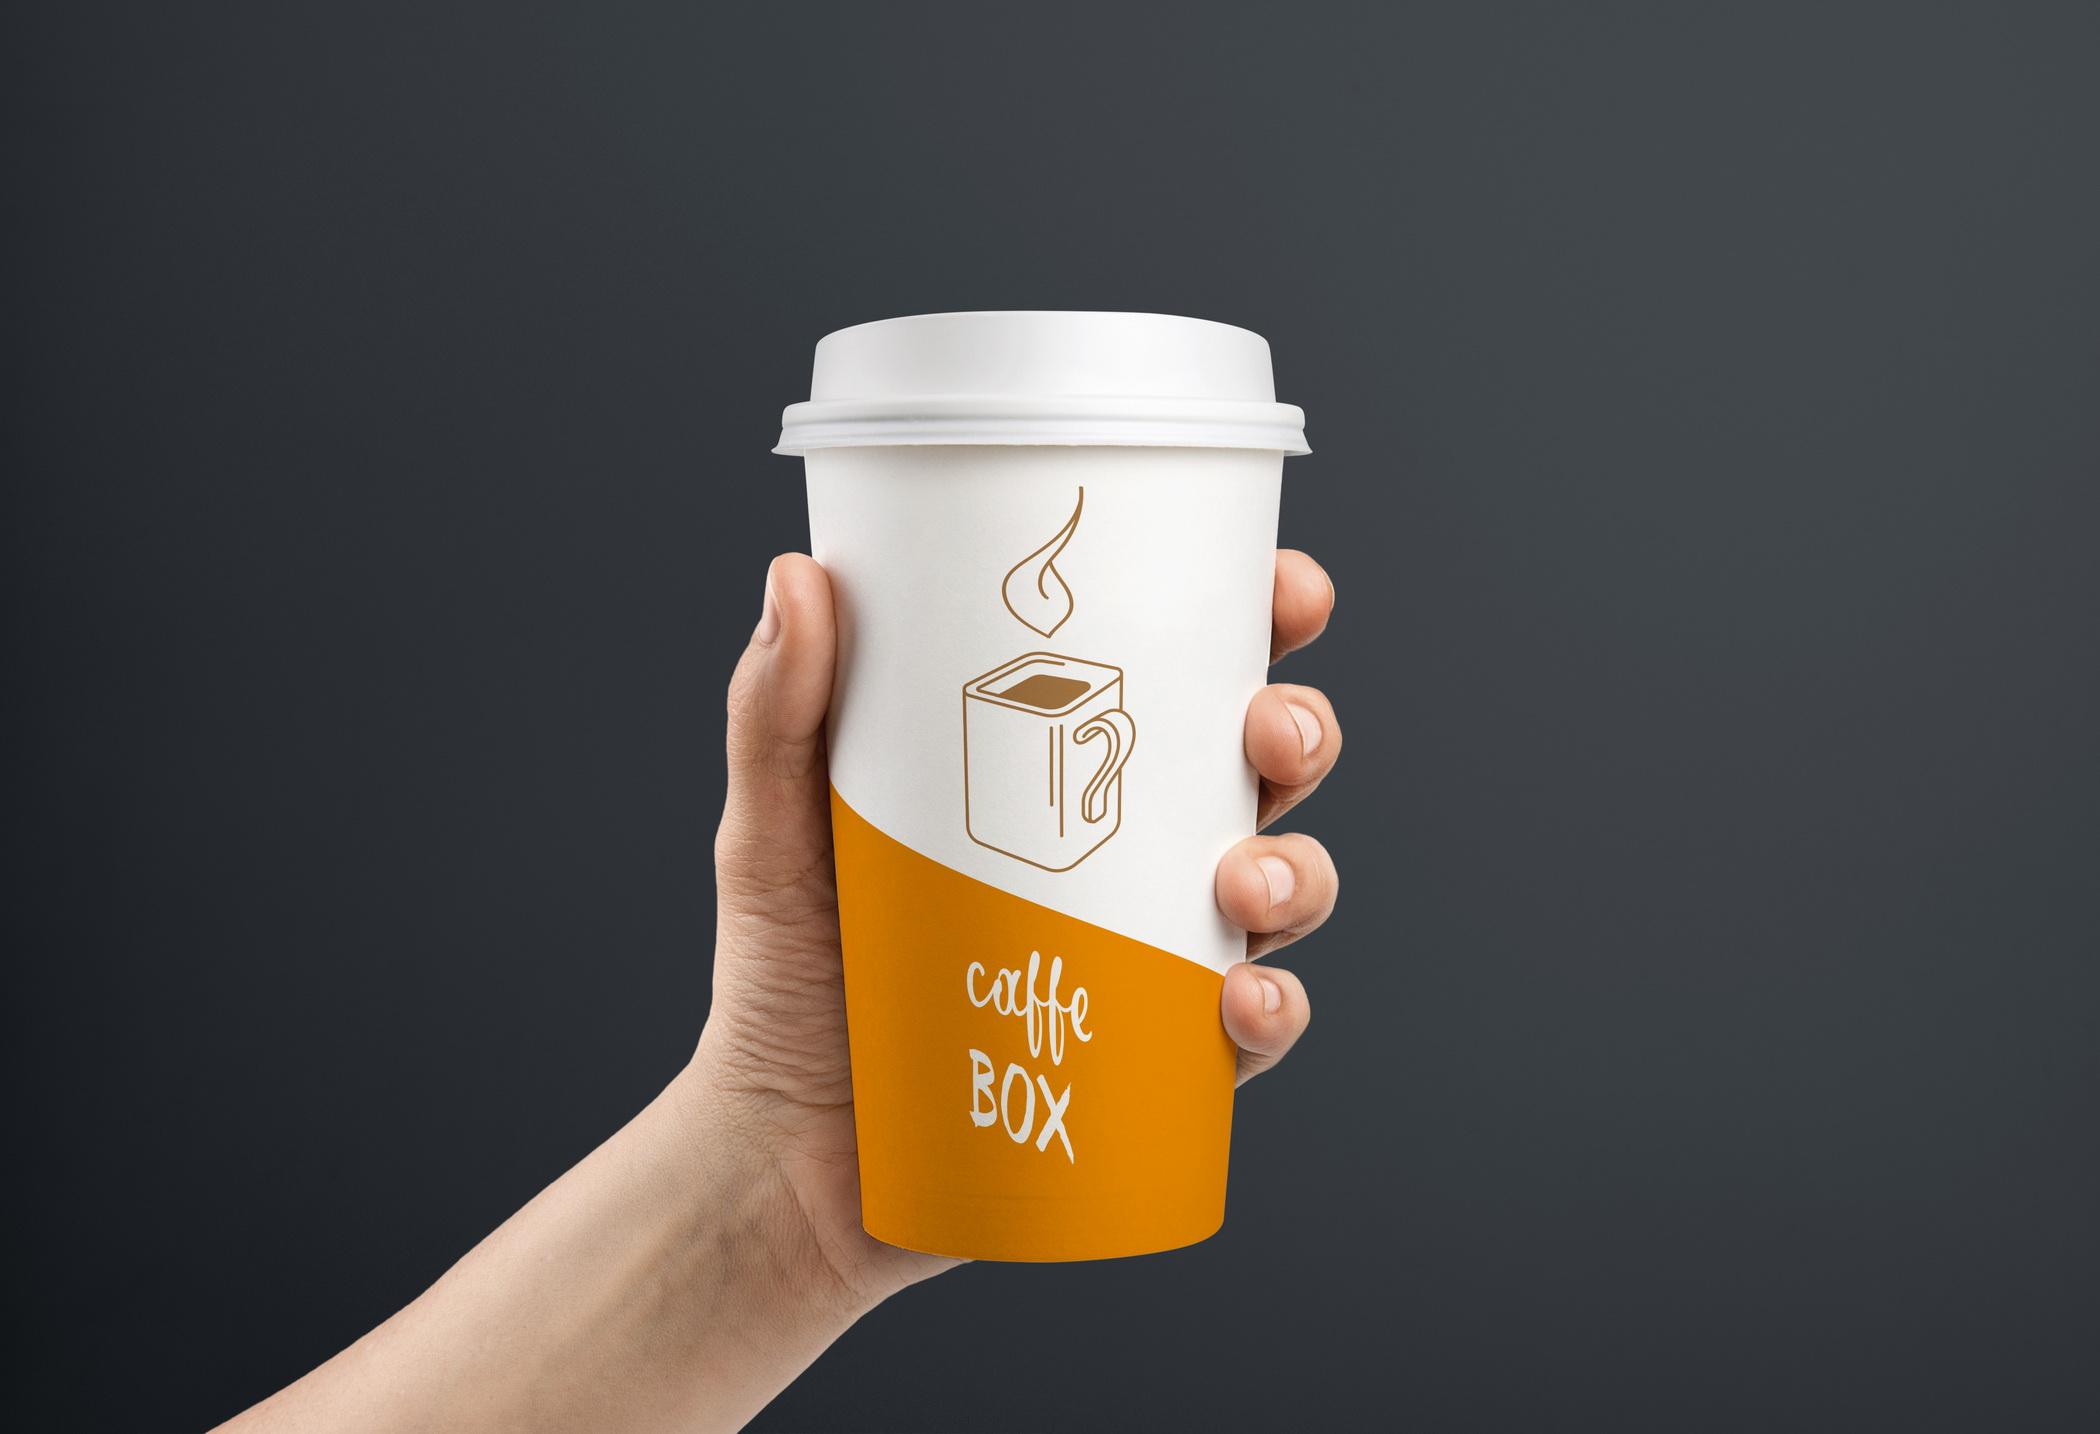 Требуется очень срочно разработать логотип кофейни! фото f_3015a0dabaeee8ec.jpg